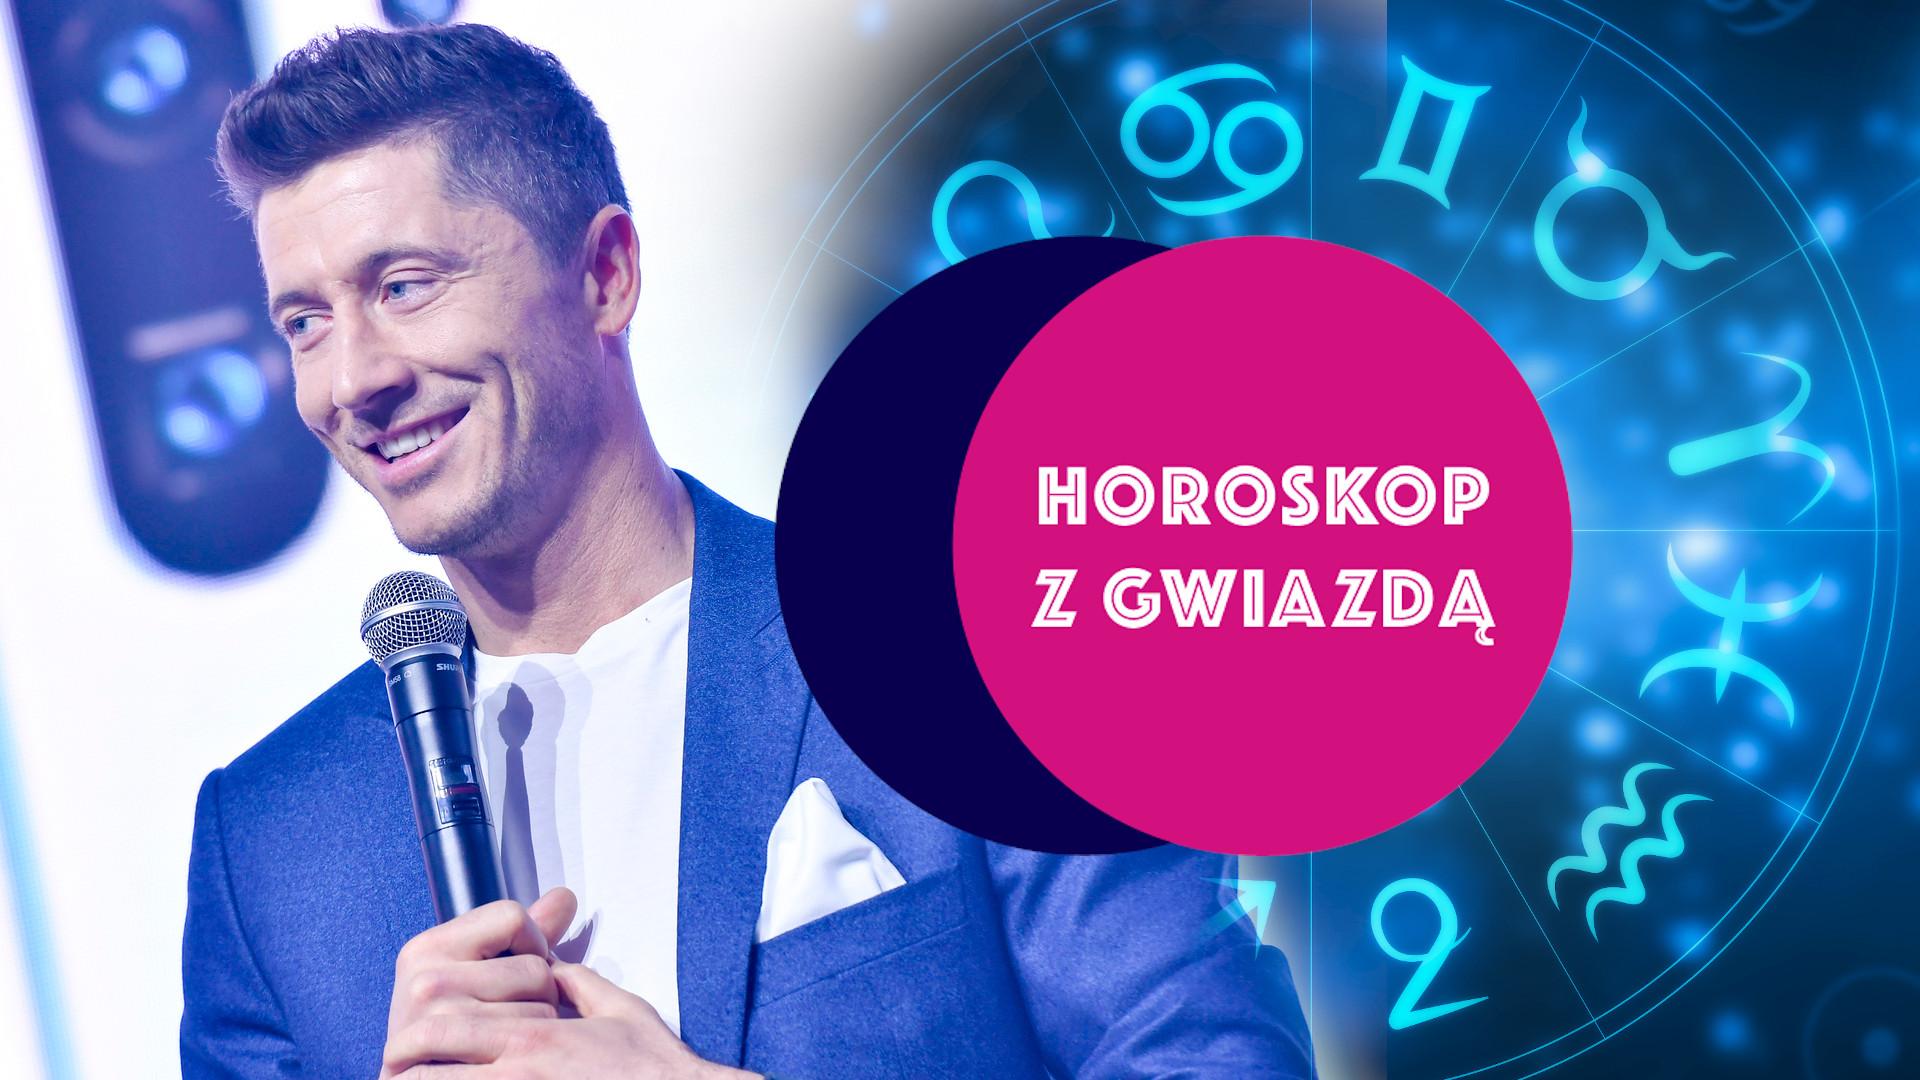 Horoskop z gwiazdą: Sprawdź, co masz wspólnego z Robertem Lewandowskim! Zobacz, co czeka Cię w tym tygodniu